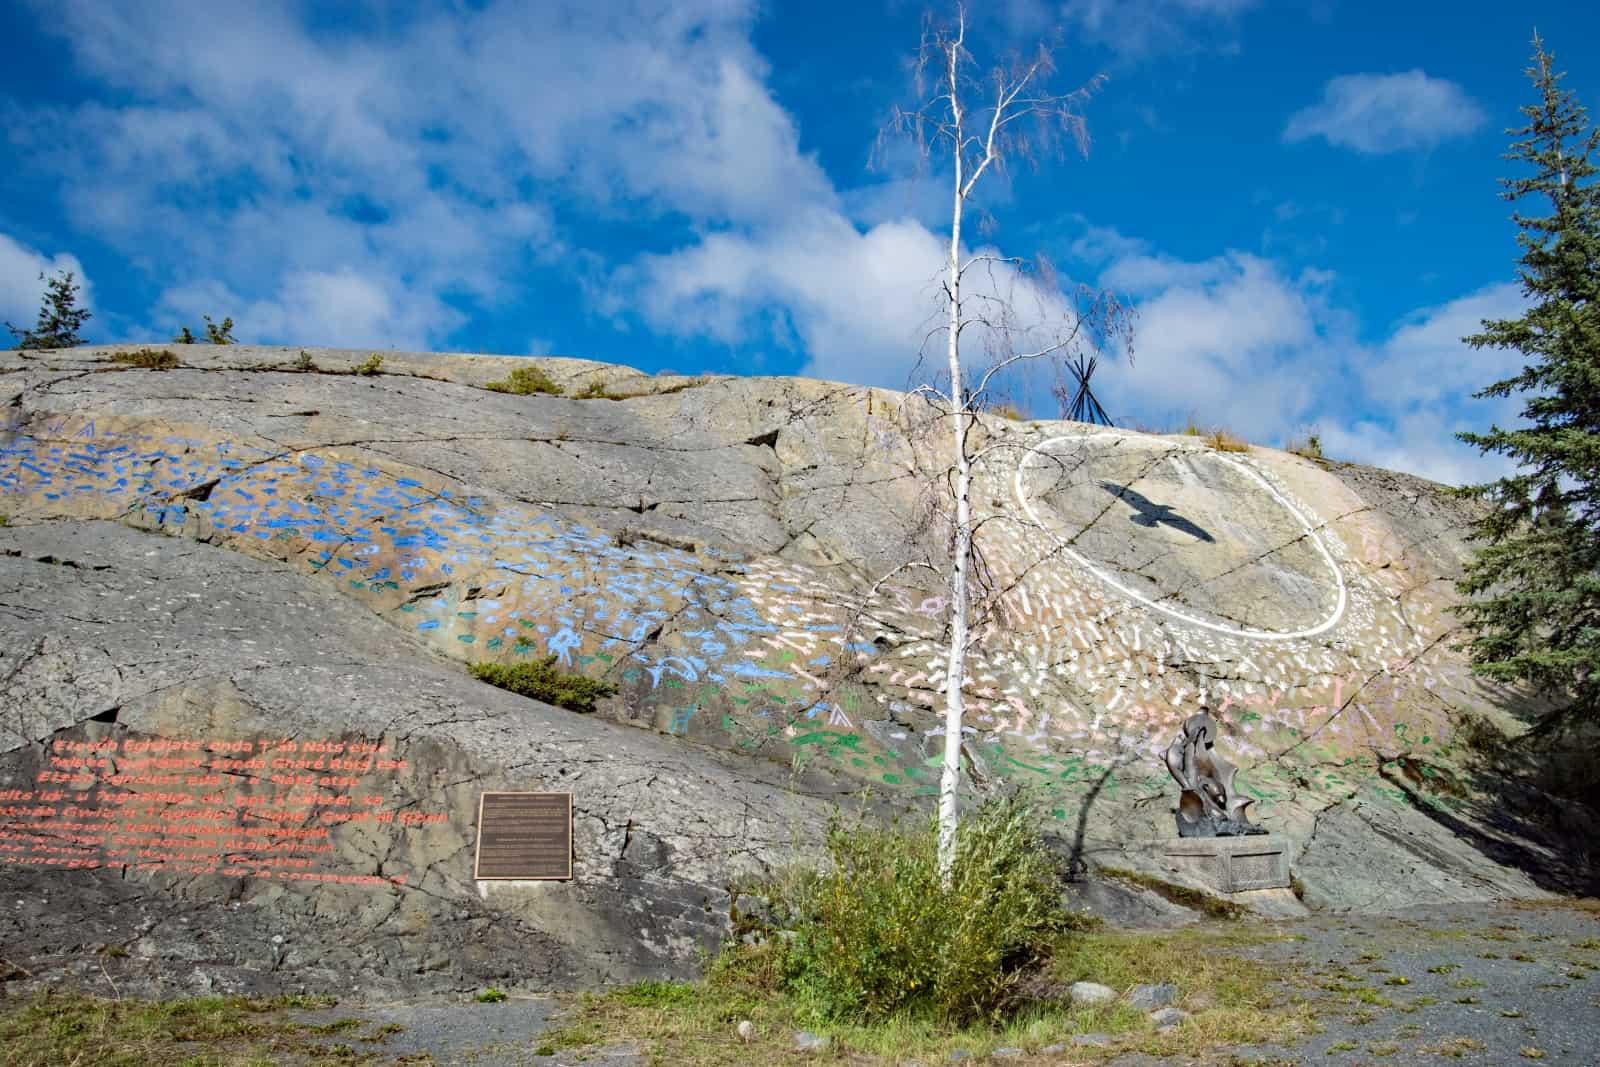 Die Malereien und Handabdrücke sollen den Zusammenhalt zwischen den First Nations und den europäischen Einwanderern in die NWT symbolisieren. Foto Daniela Ganz